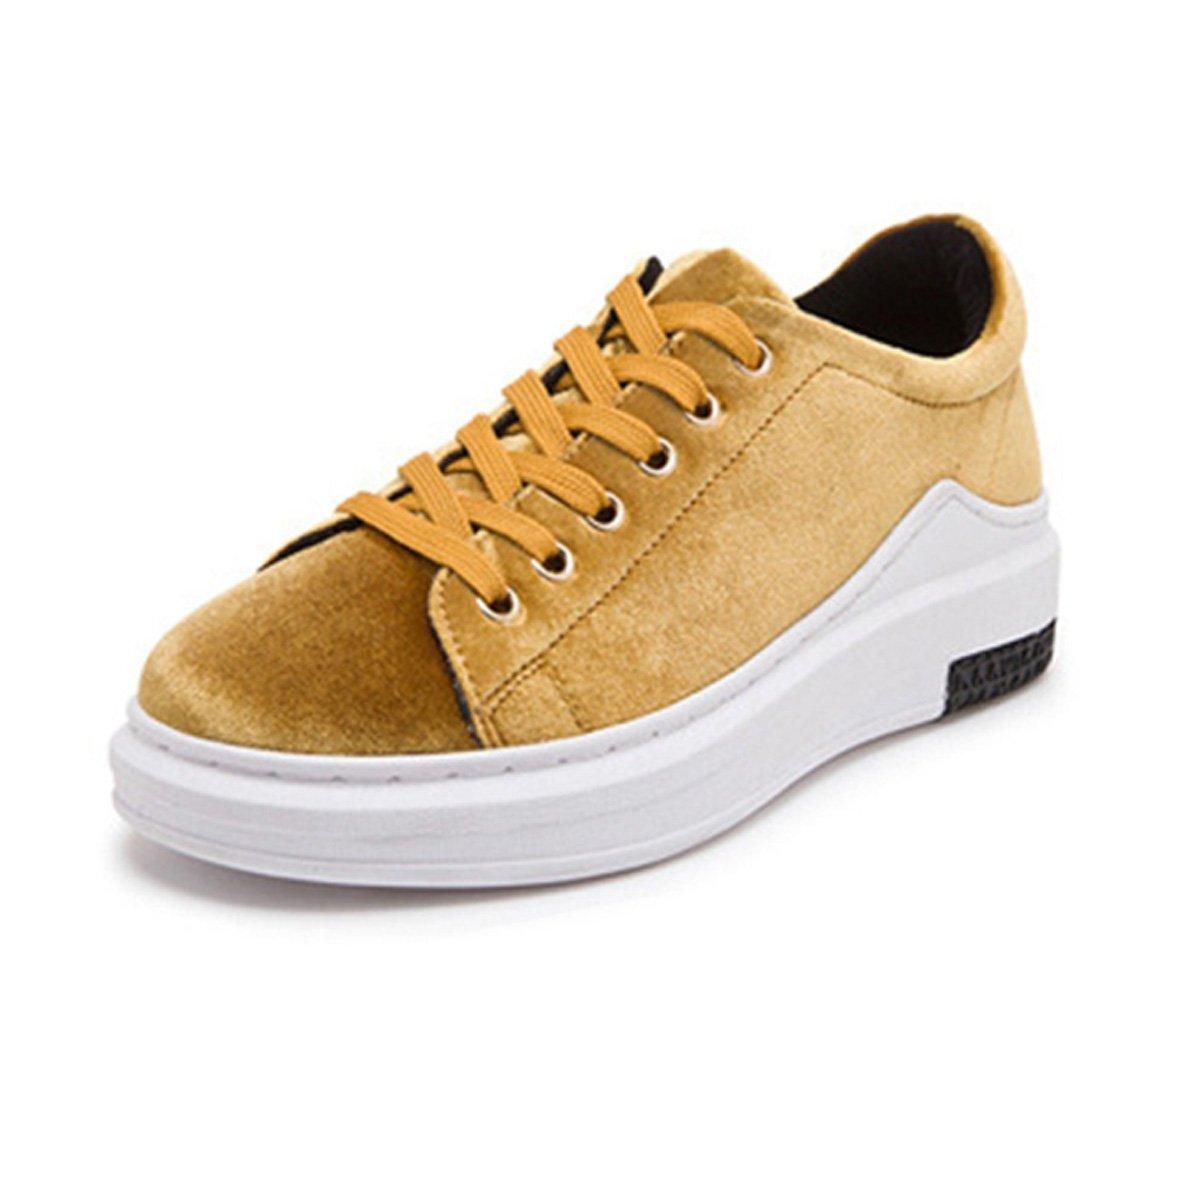 Basket Jaune mode femme chaussure loisir plate-forme sneakers compensé sneakers femme casuel sportif velours printemps Jaune 8e2bb42 - boatplans.space